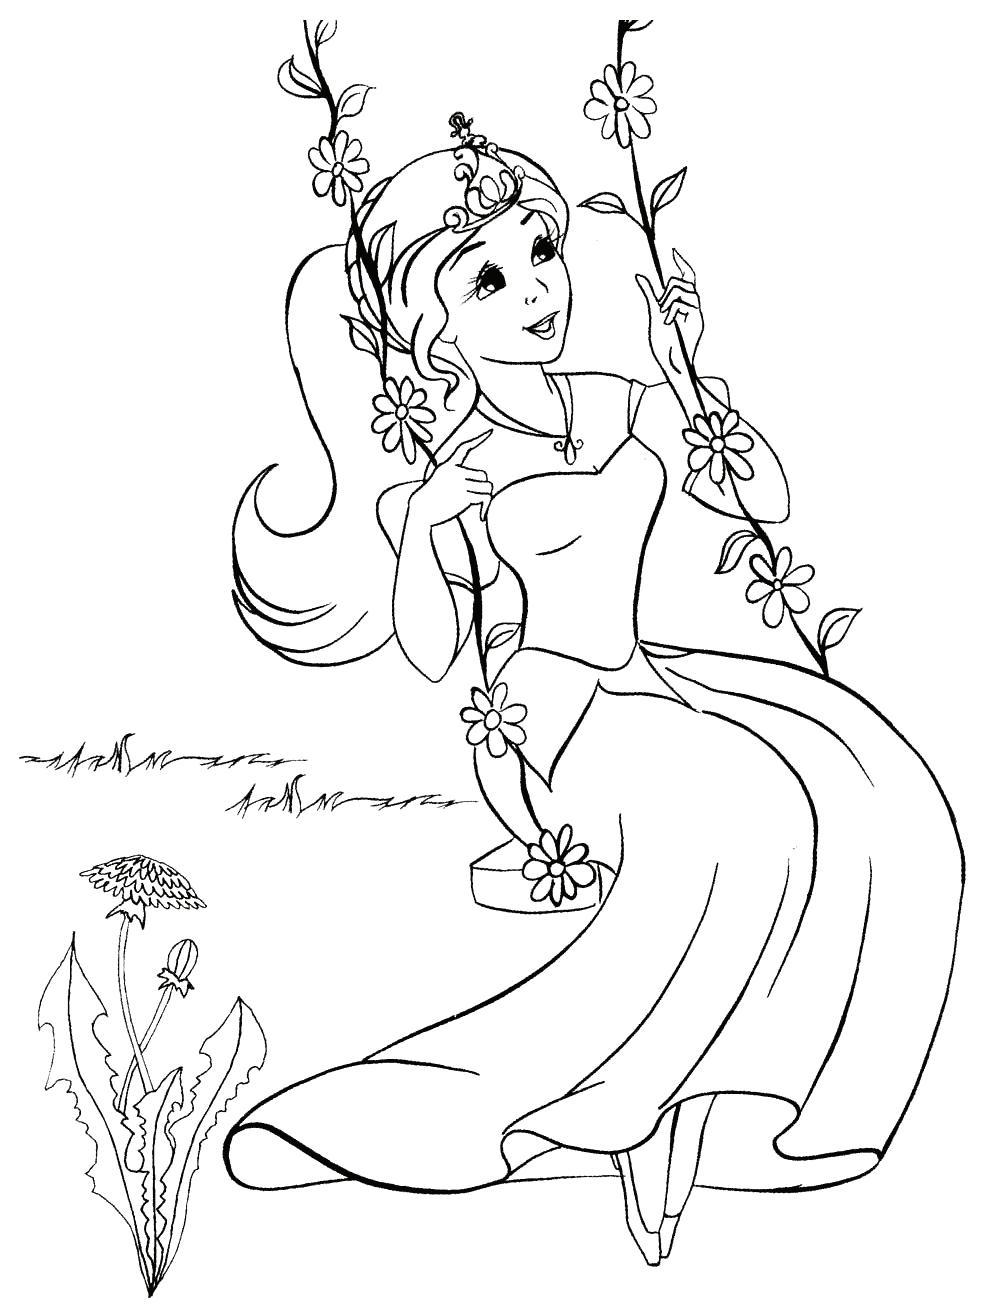 Раскраска принцесса на качелях. раскраска принцесса катается на качелях, раскраски принцесс для детей скачать бесплатно